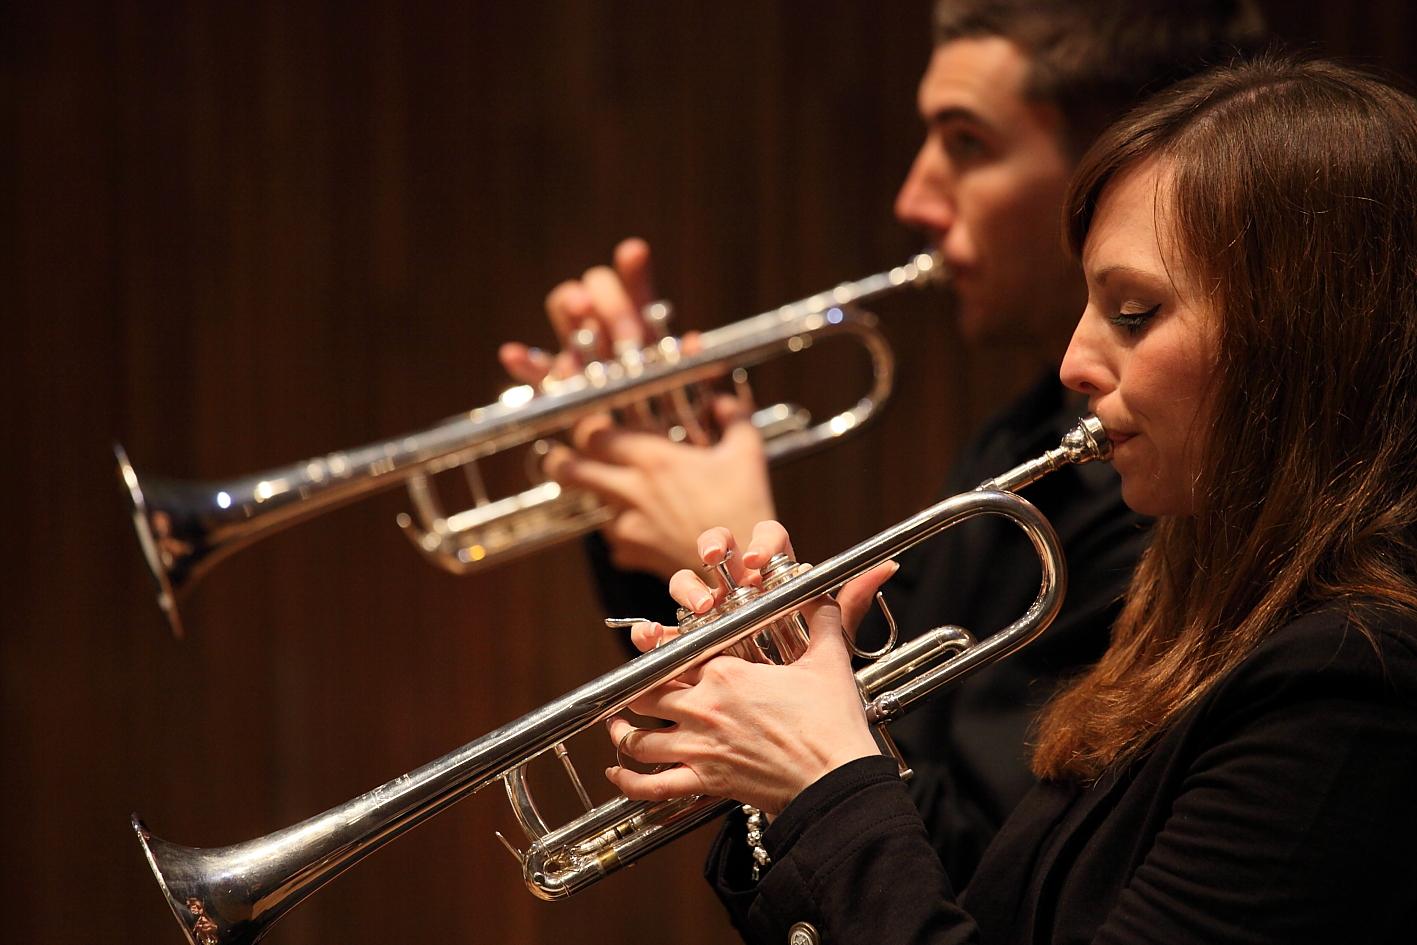 BPO trumpets